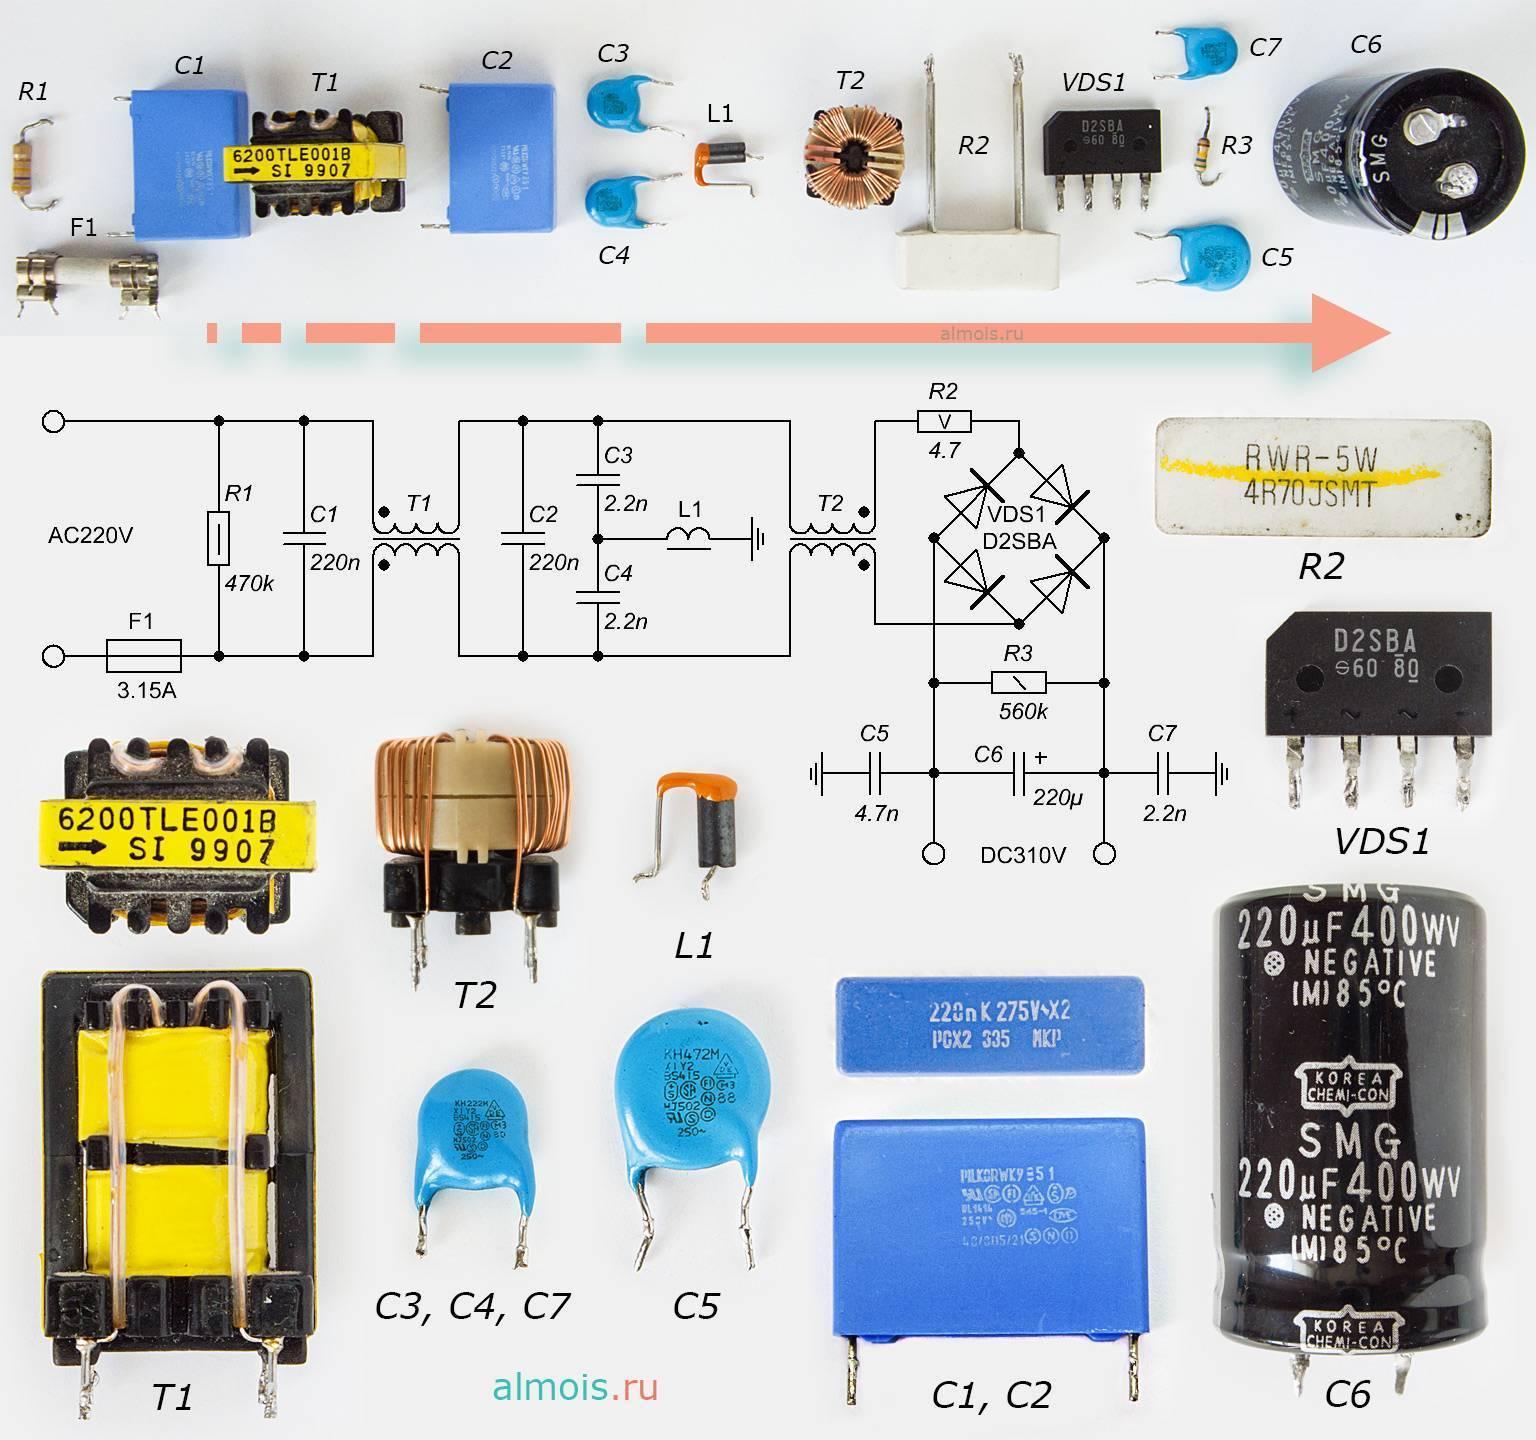 Сетевой фильтр и качество напряжения бытовой электропроводки | дизайн и ремонт квартир своими руками